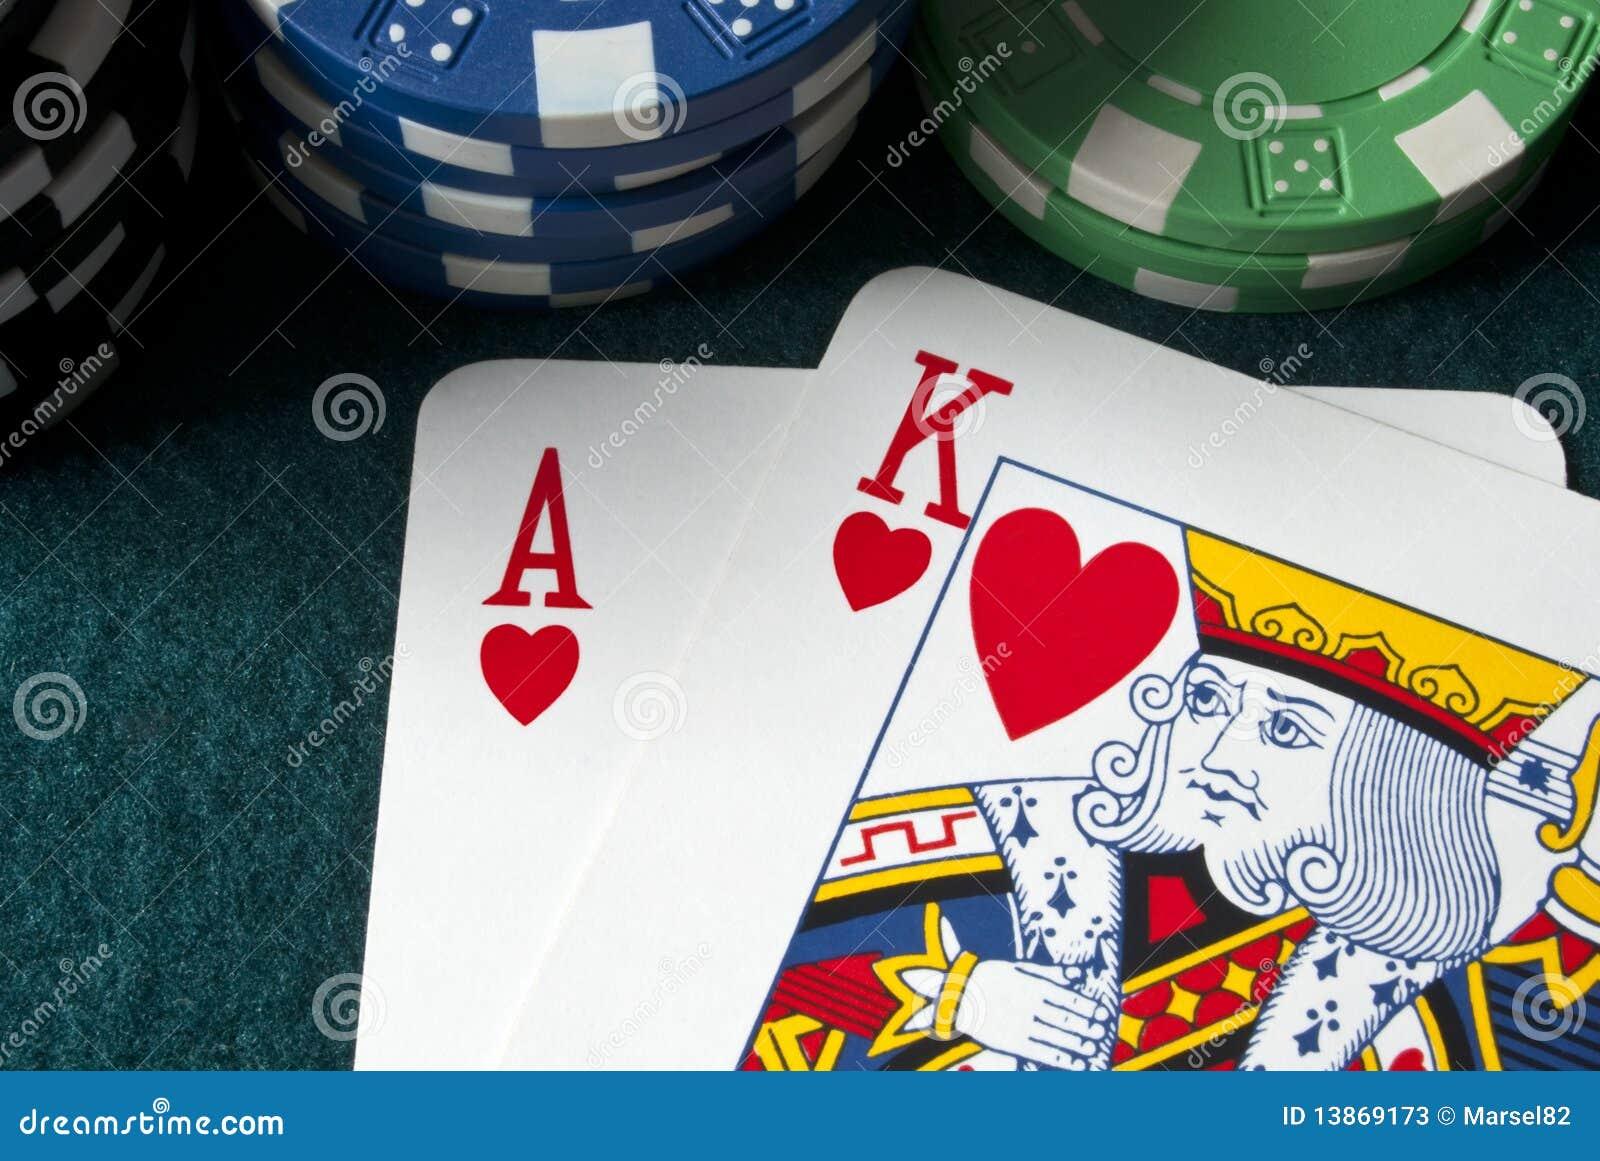 Download blackjack king